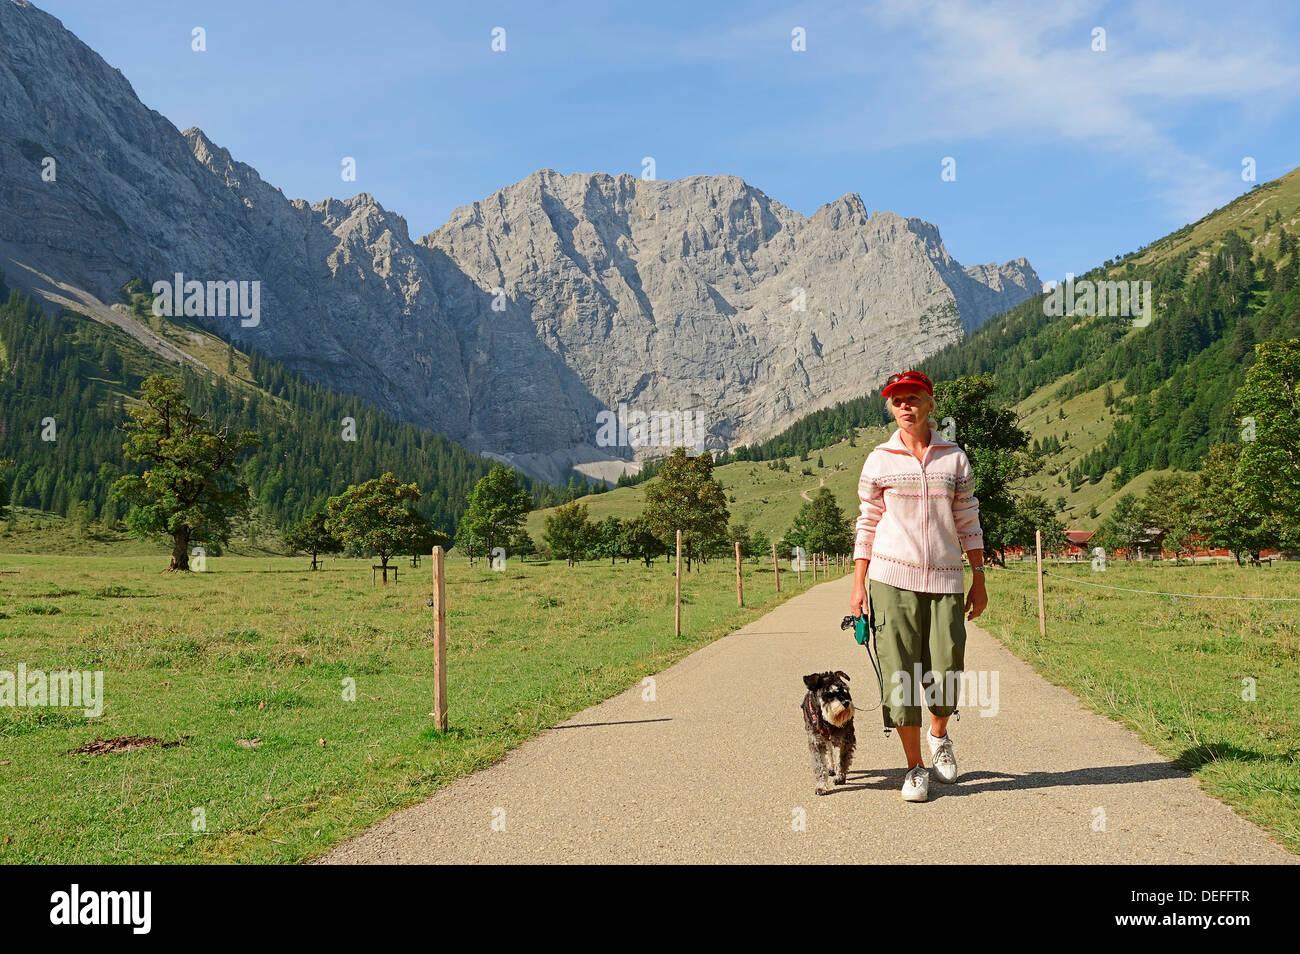 Randonnée femme avec un schnauzer nain, Engalm, en avant des montagnes du Karwendel, Großer Ahornboden, Karwendel Feriendorf Banque D'Images